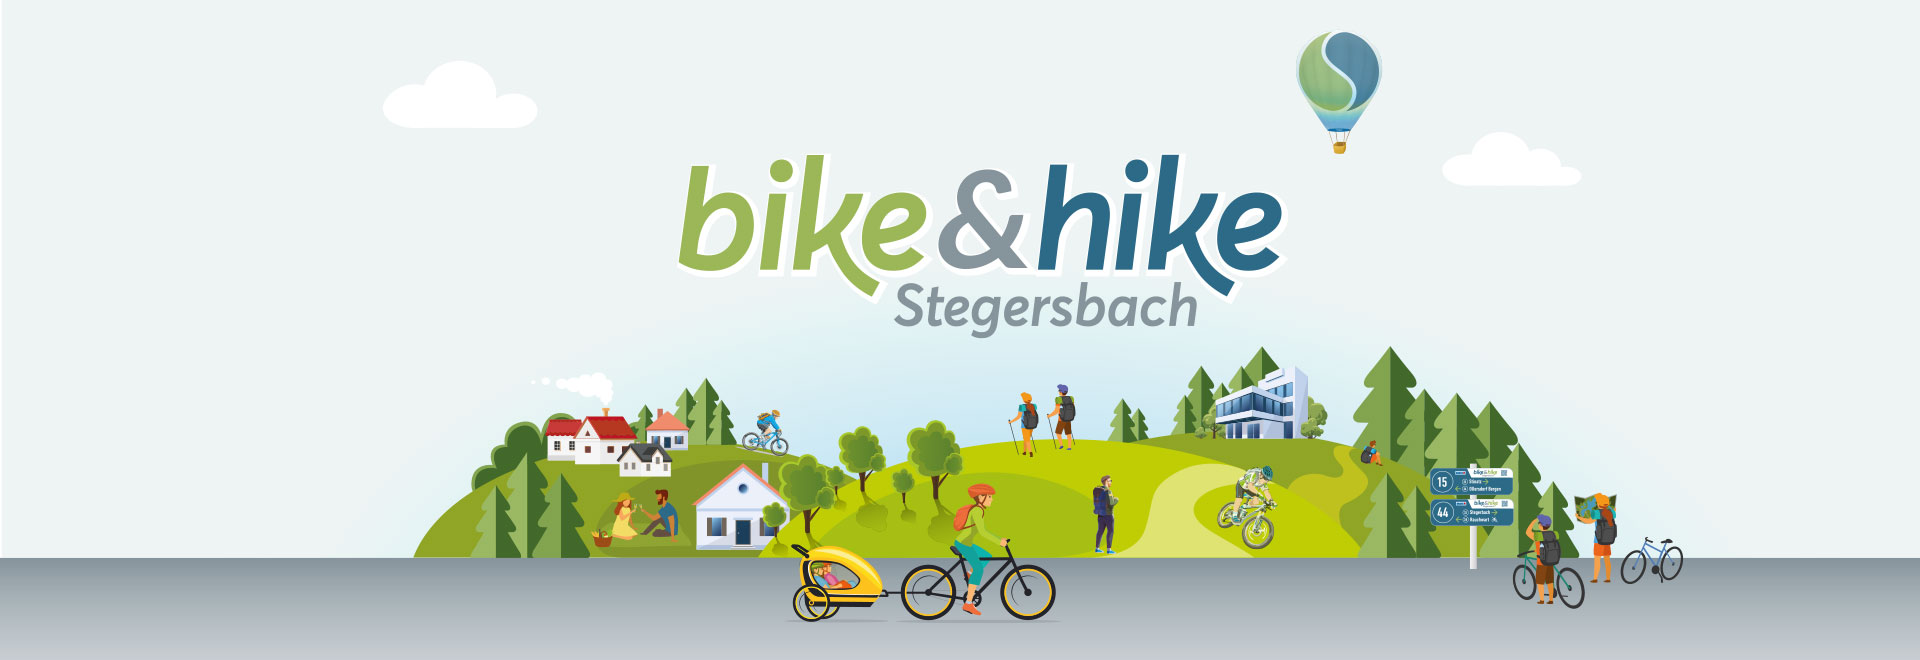 Bike & Hike Banner